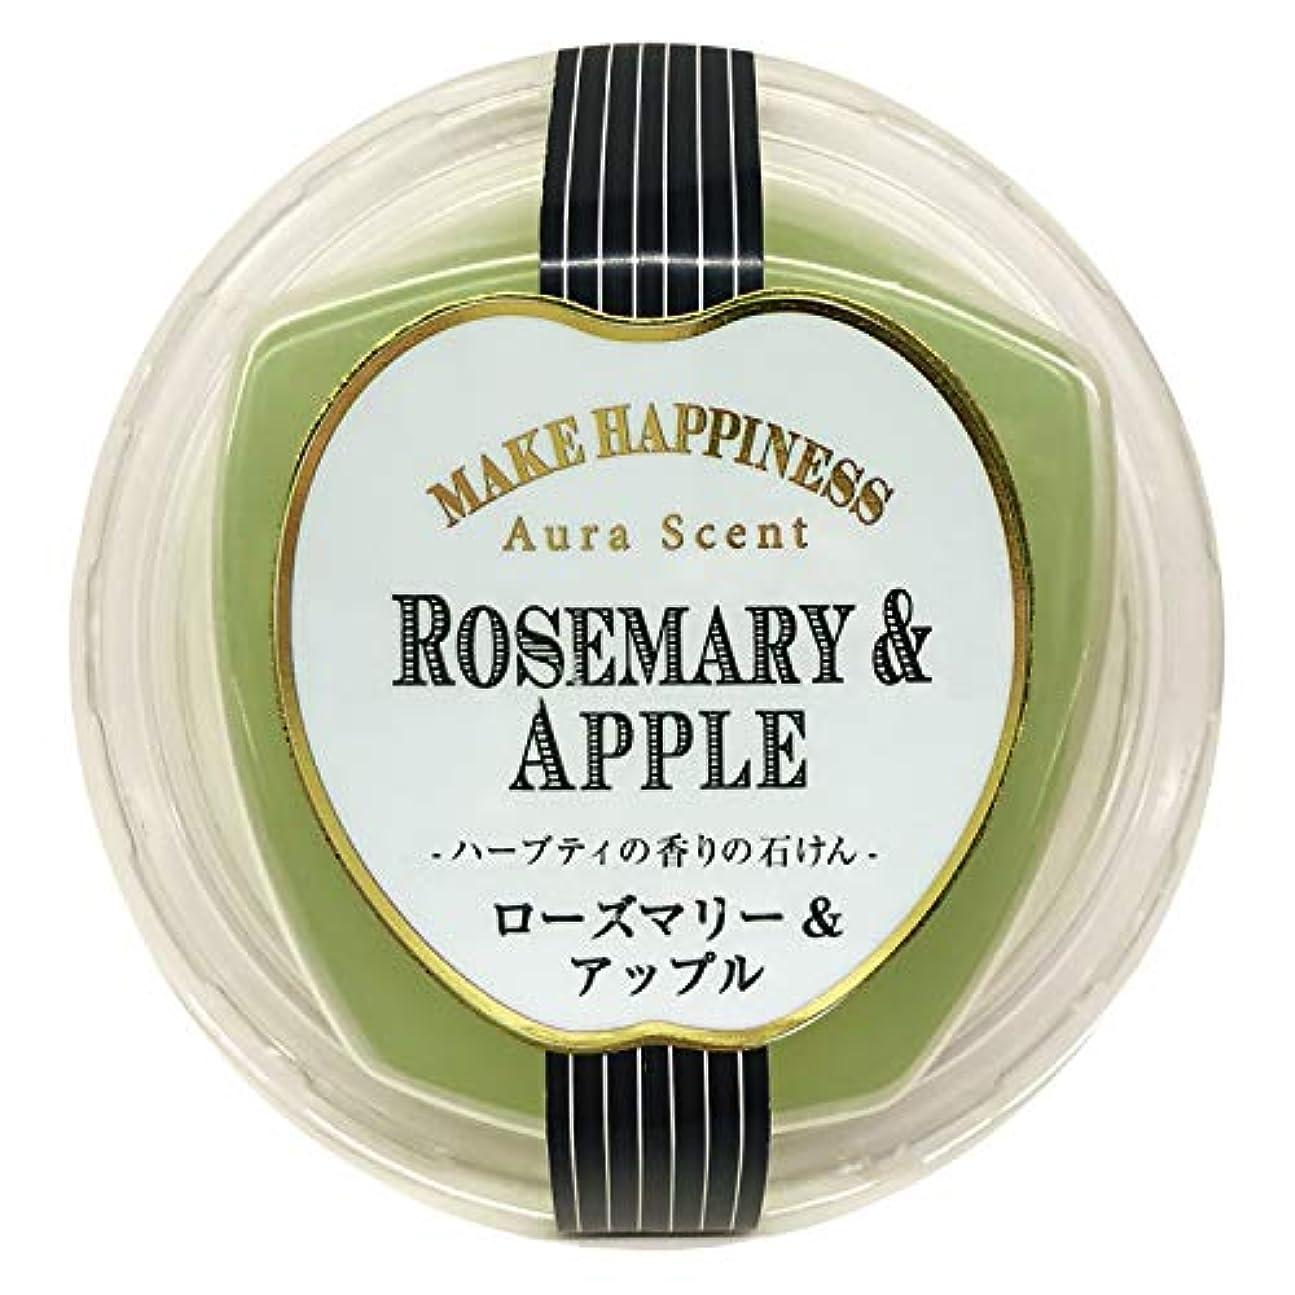 ムスディスカウントぼかしペリカン石鹸 オーラセント クリアソープ ローズマリー&アップル 75g